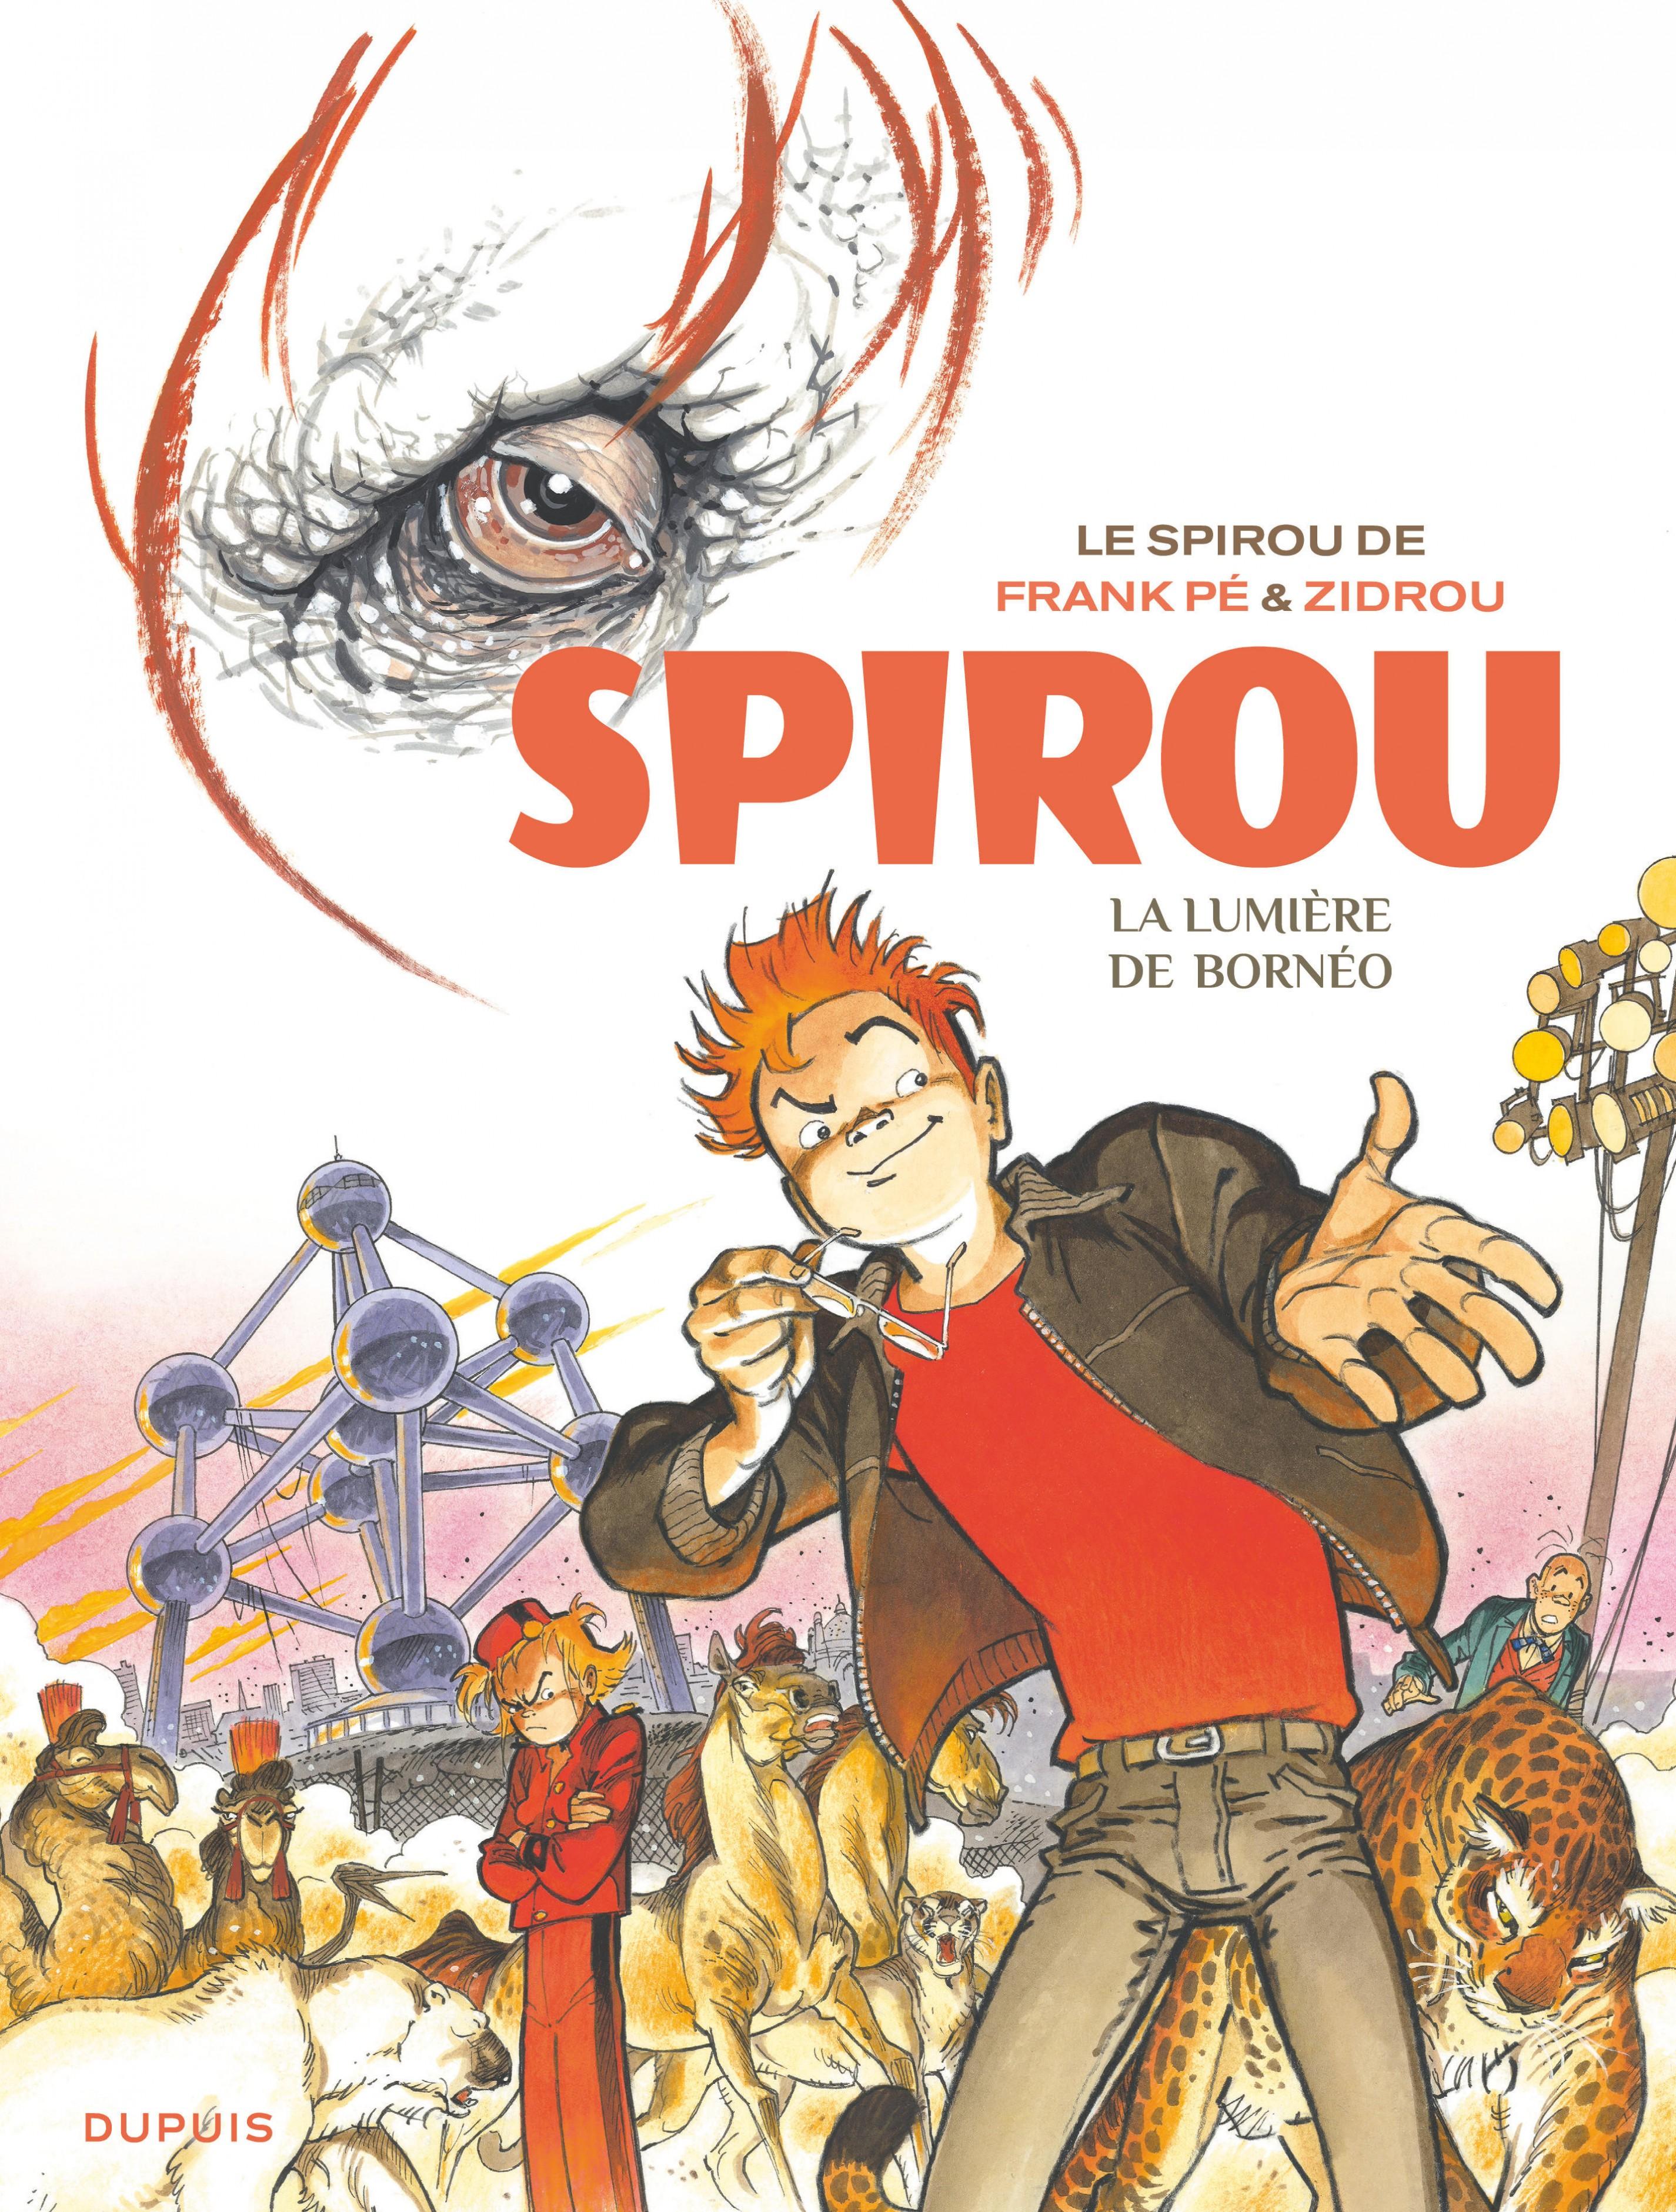 Le Spirou de Frank Pé et Zidrou -  La lumière de Bornéo